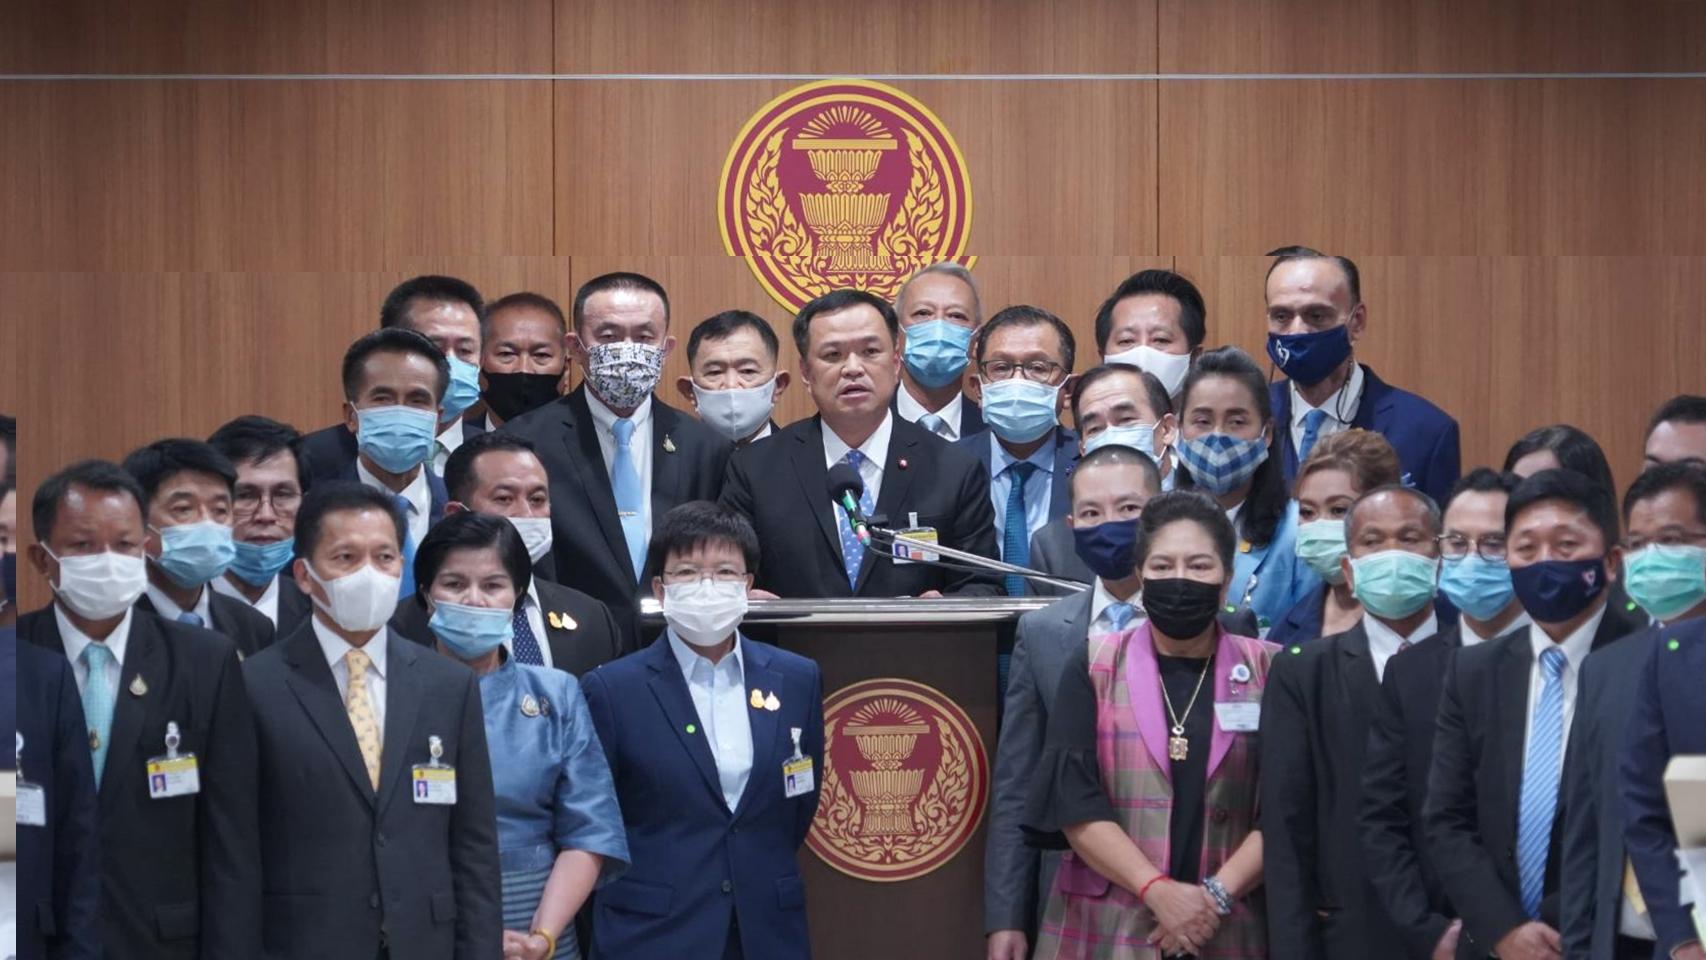 พรรคภูมิใจไทย สสร. เสนอให้สภาร่างรัฐธรรมนูญ